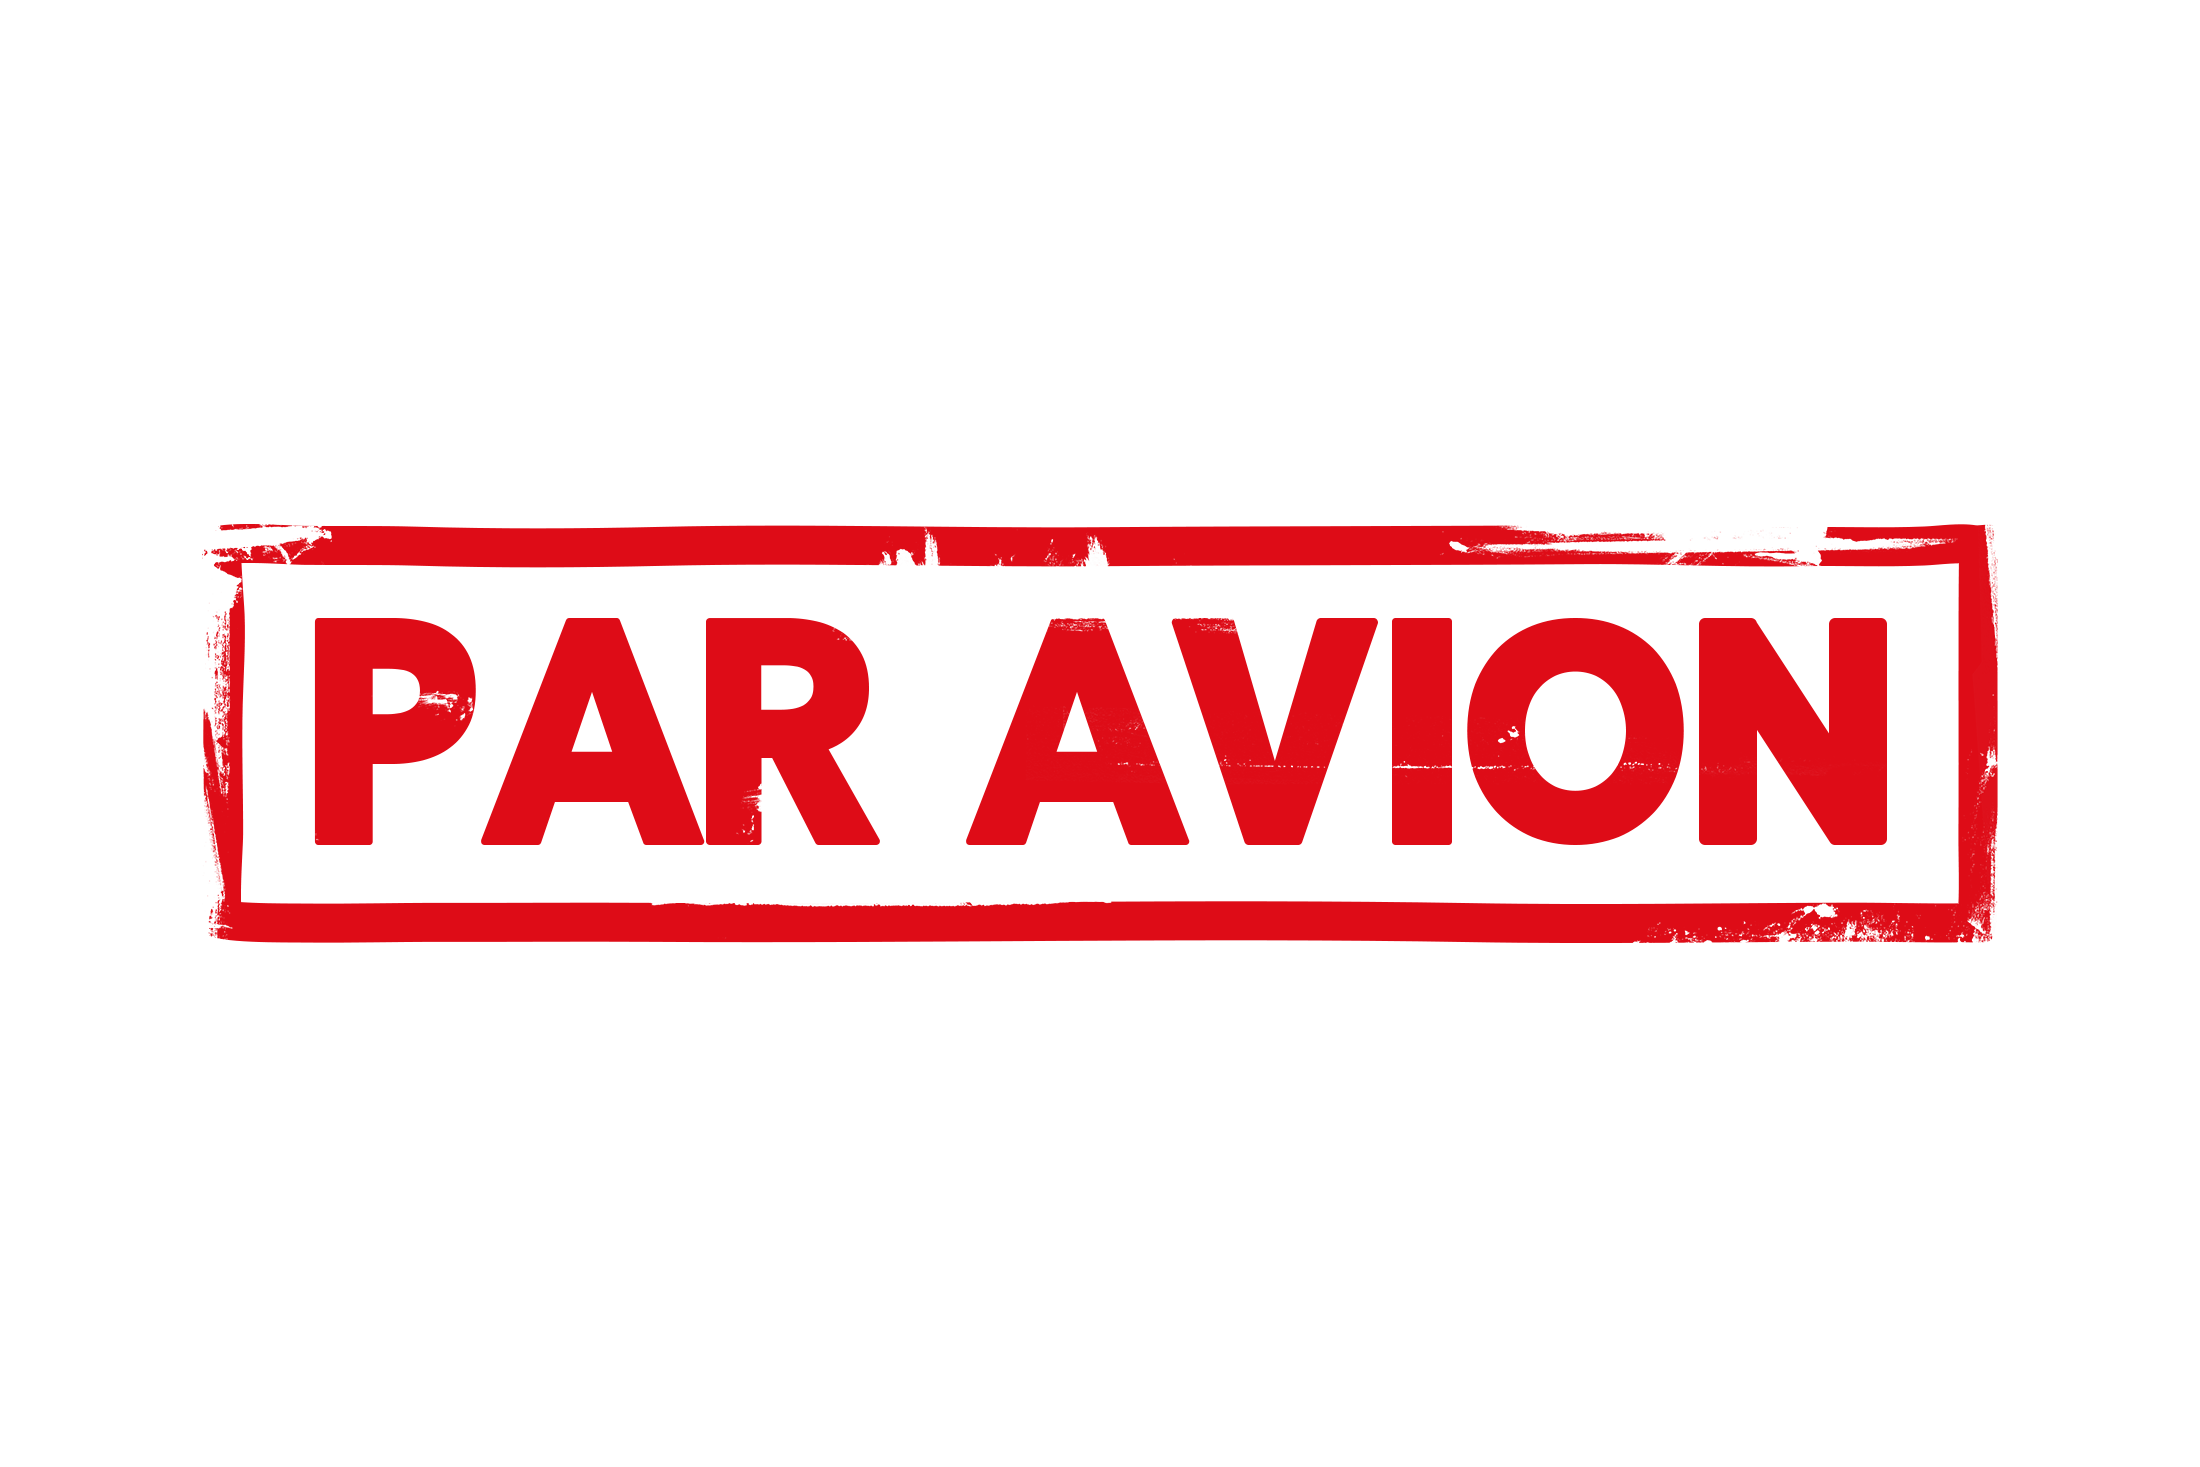 Par avion stamp PSD